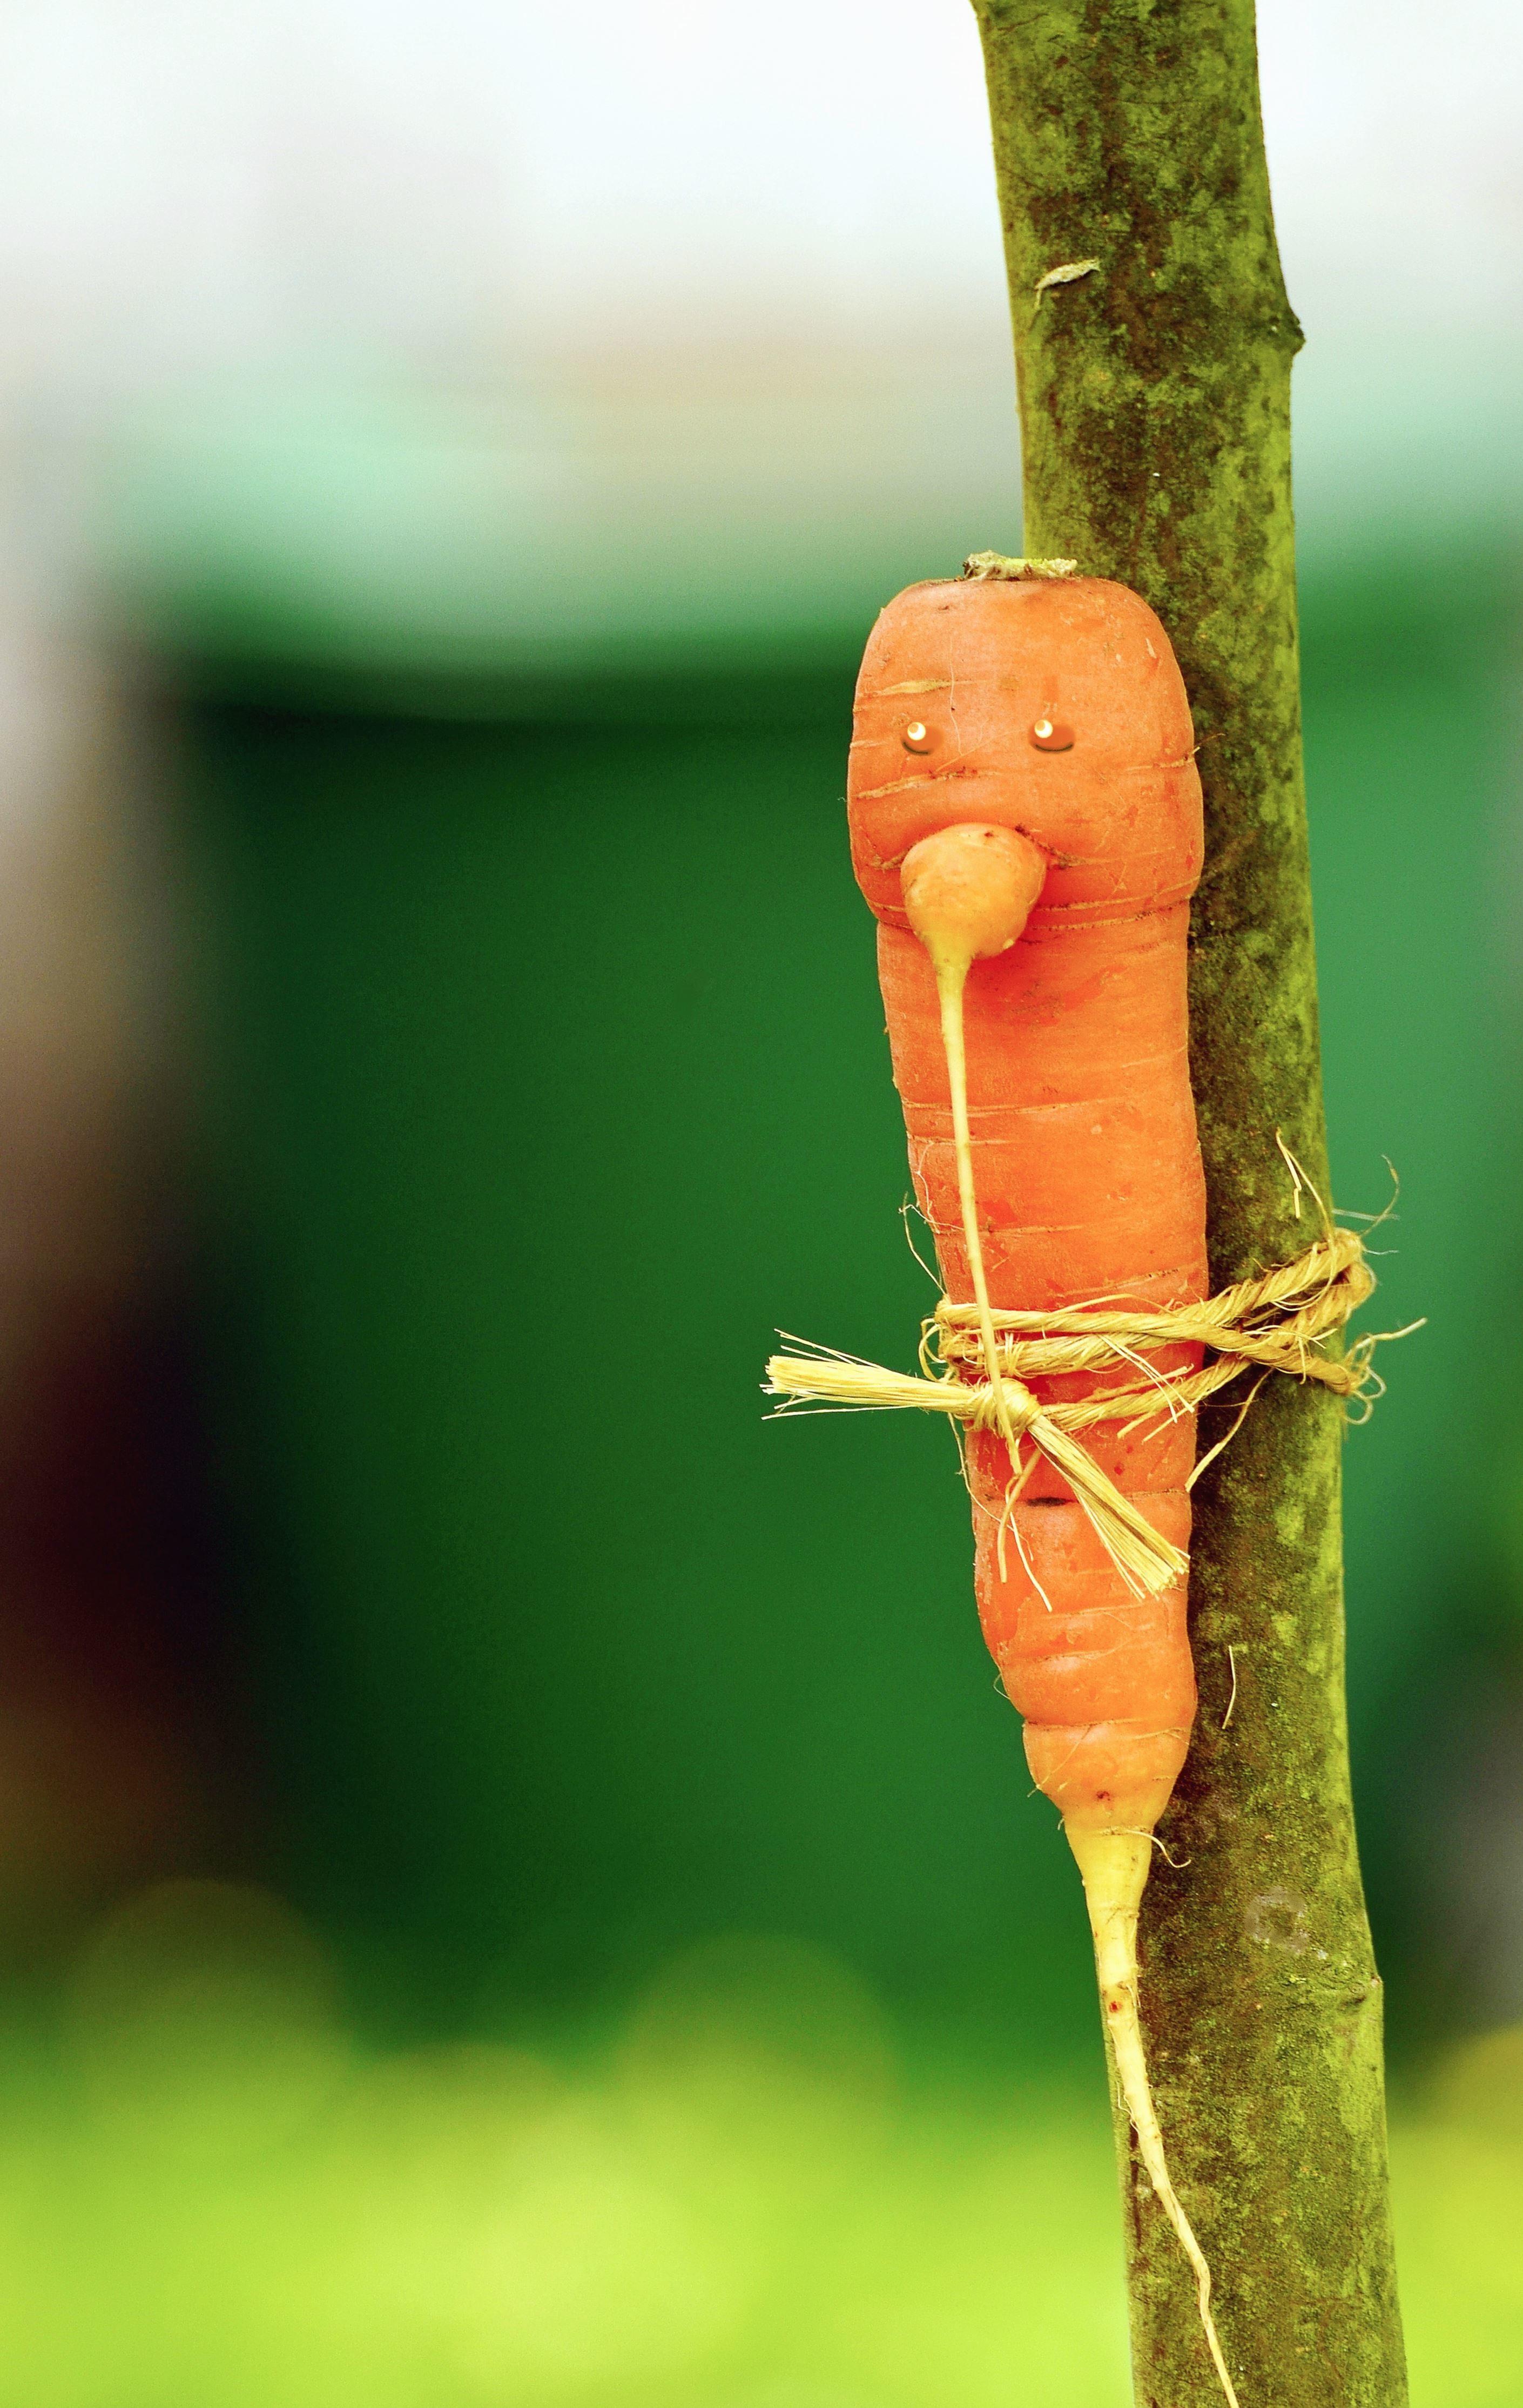 Imagen gratis cuerda zanahoria rama vegetales rbol - Arbre a carotte ...